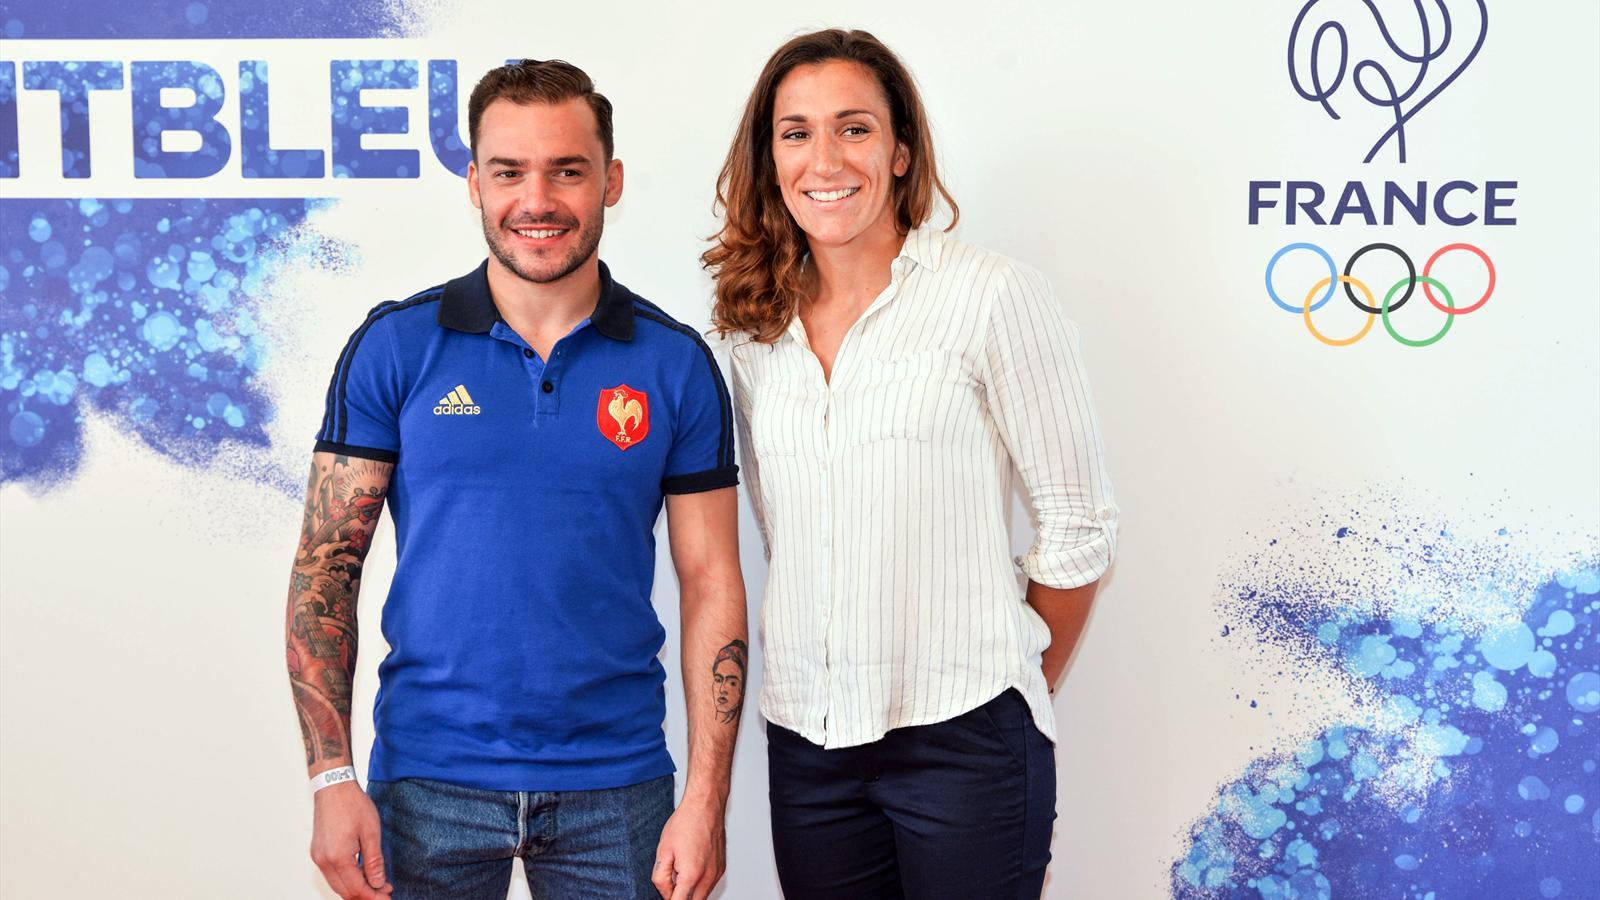 Terry Bouhraoua et Fanny Horta, capitaines des équipes de France à 7